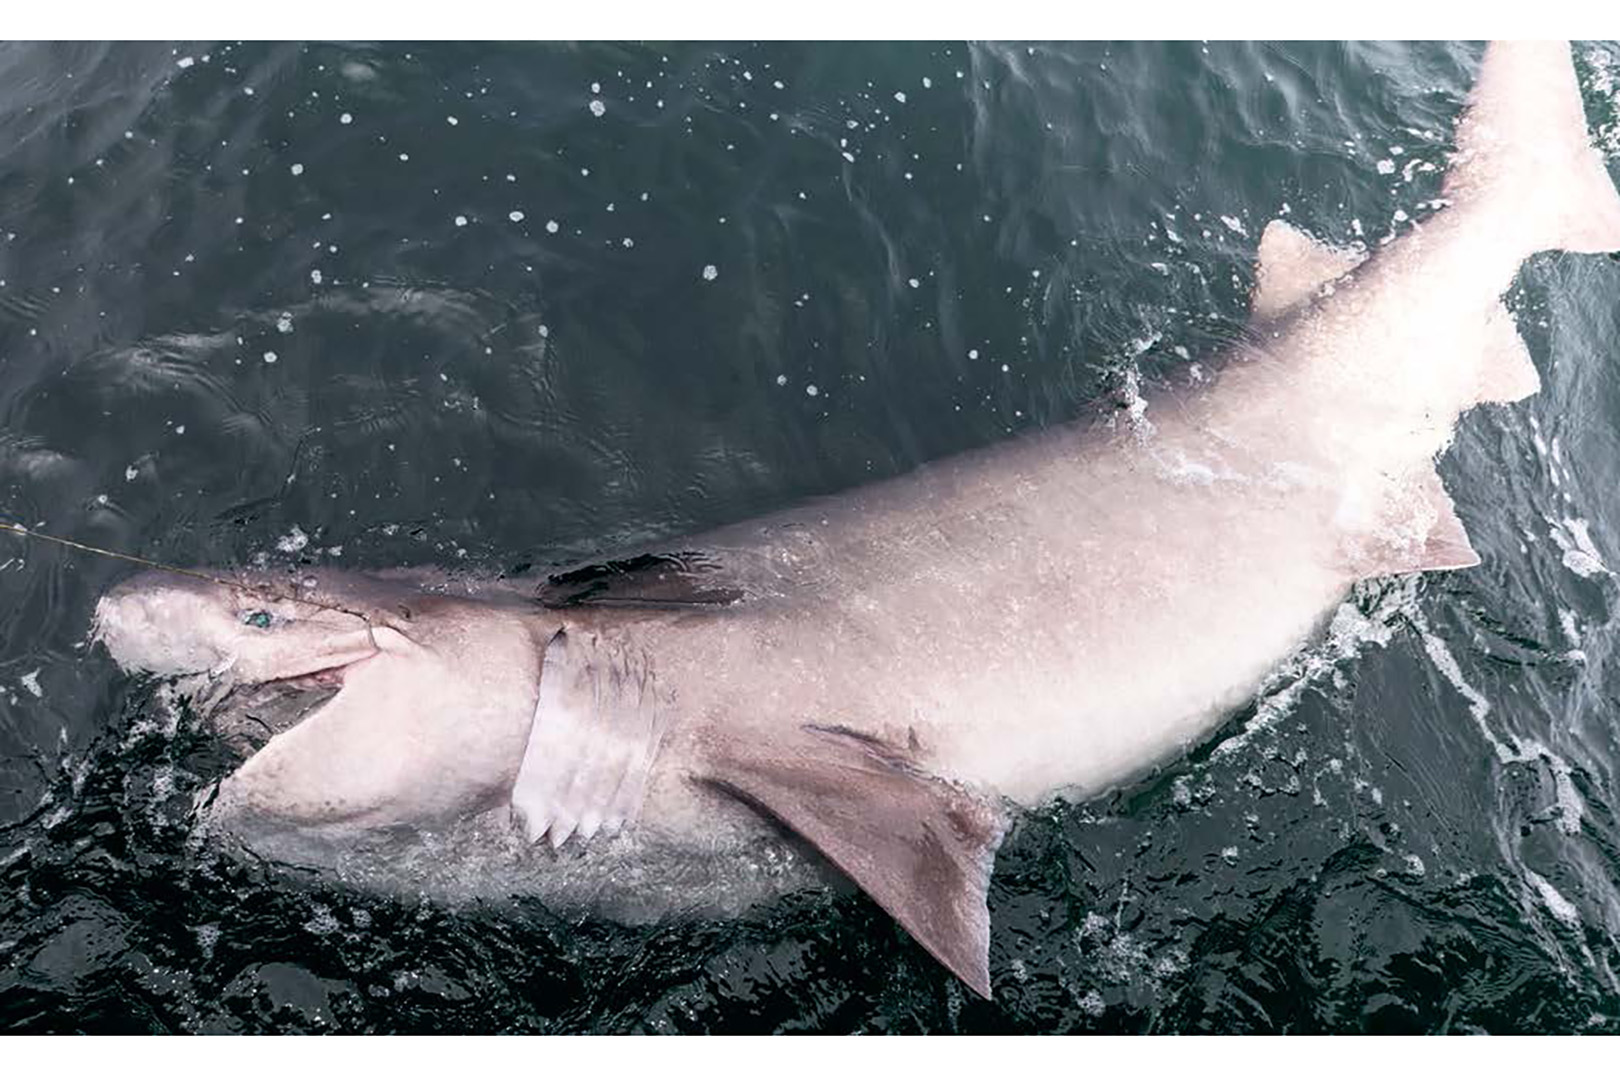 Den seksgællede haj minder lidt om grønlandshajen. Den er i hvert fald lige så tung at hive op.